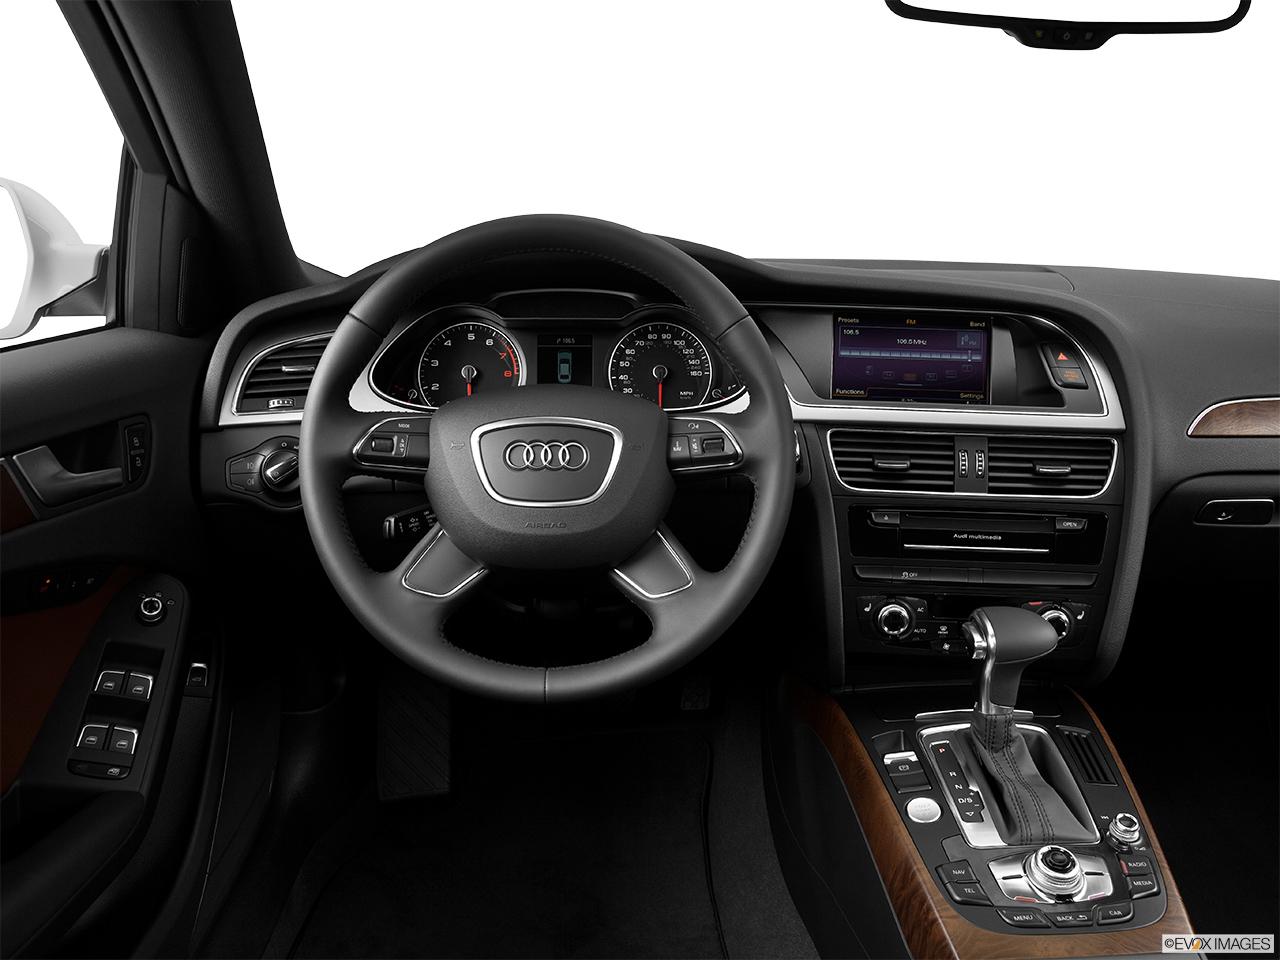 2014 Audi A4 Sedan Automatic Quattro 2 0t Premium Plus